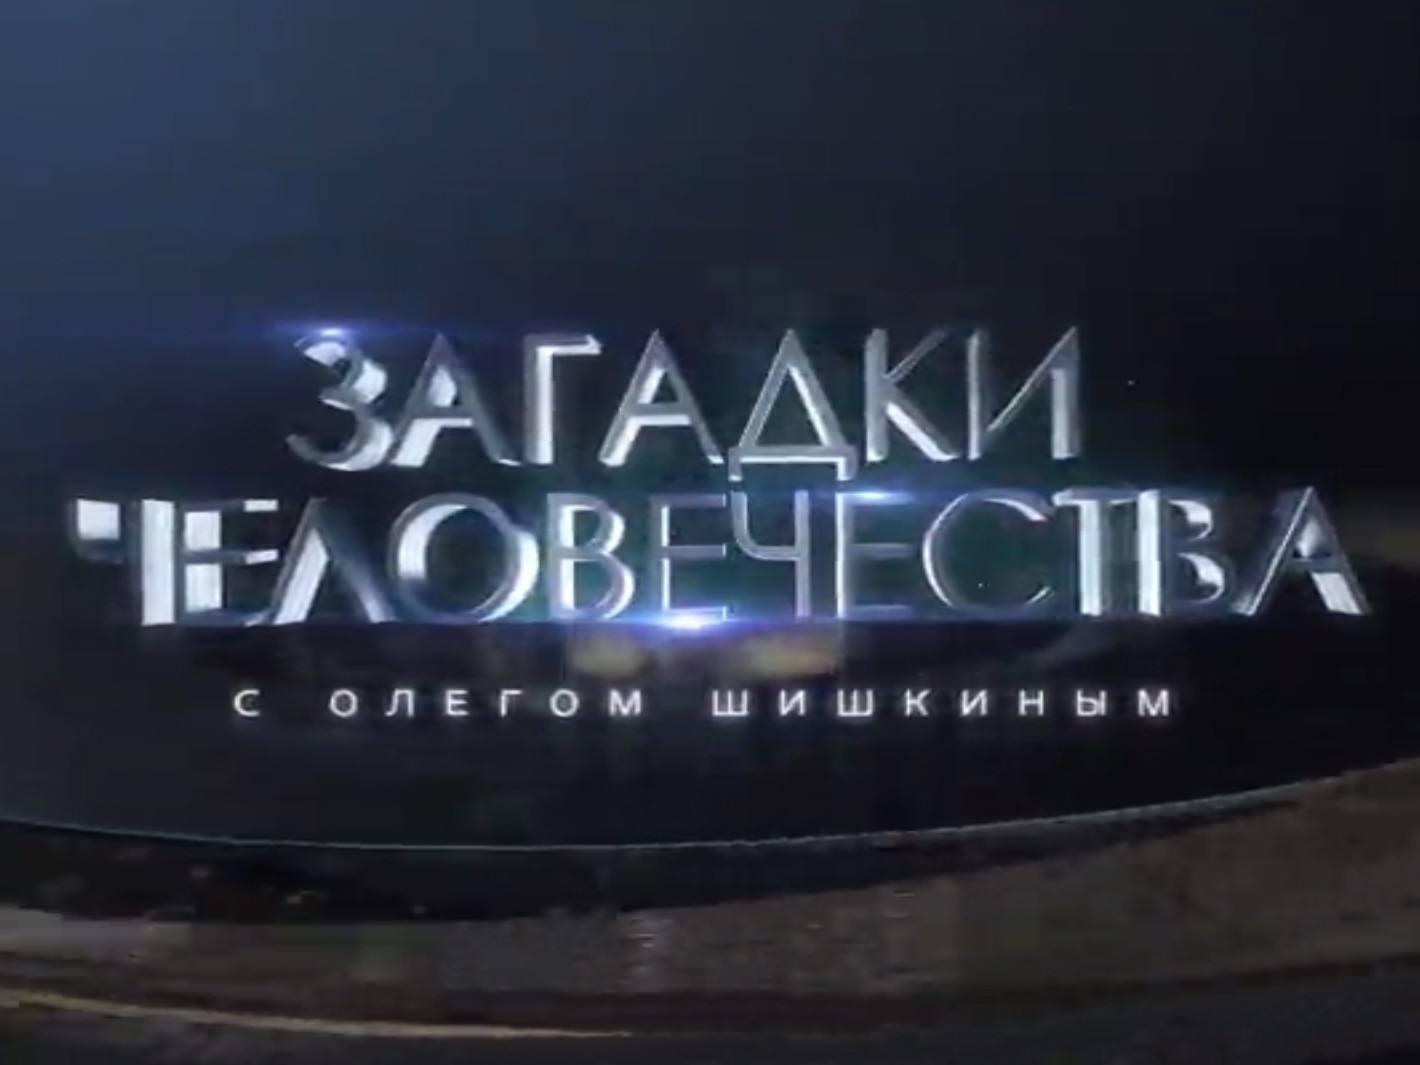 Загадки человечества с Олегом Шишкиным 378 серия в 23:30 на РЕН ТВ